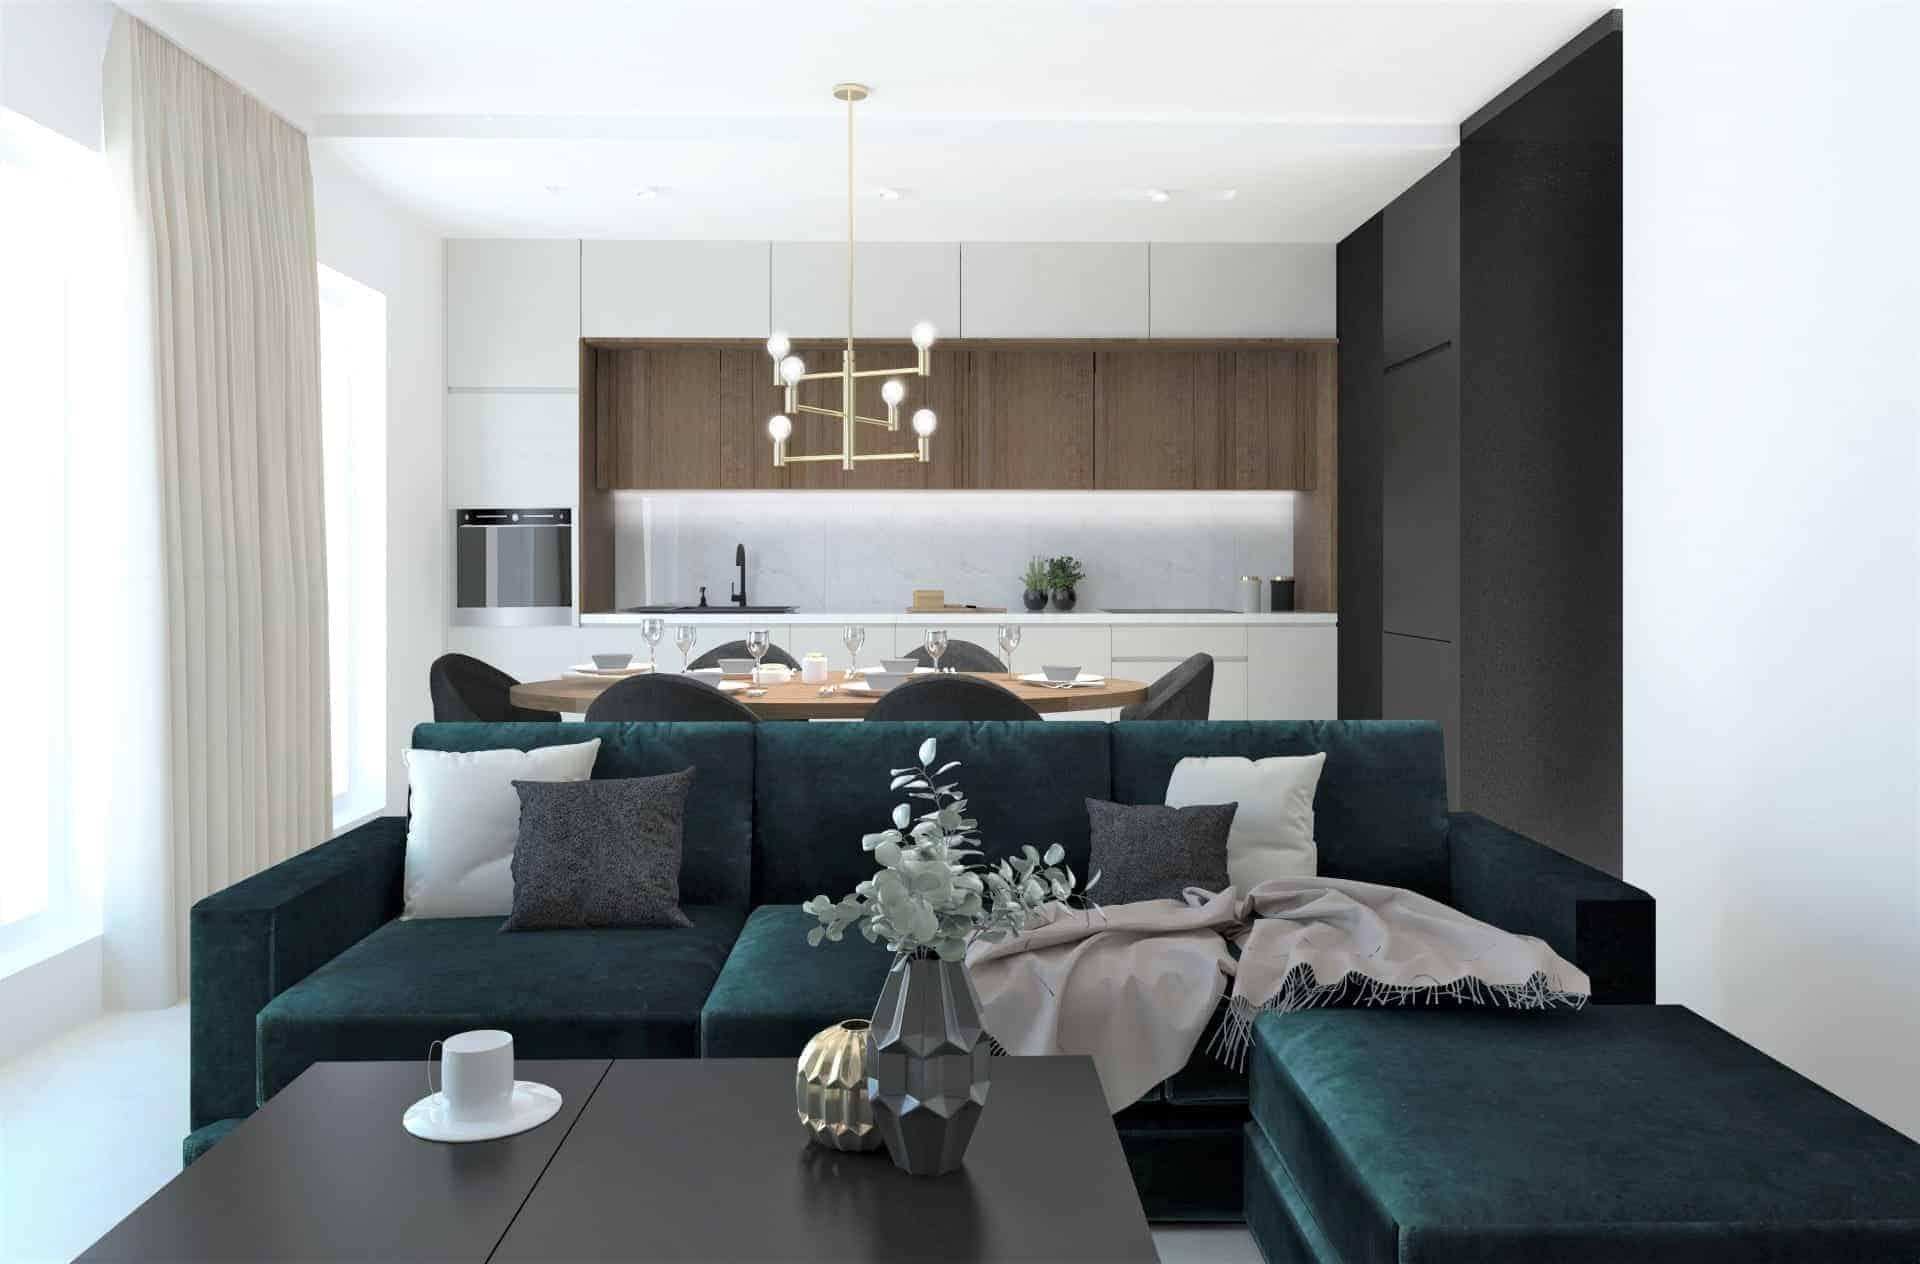 salon z zieloną kanapą 1